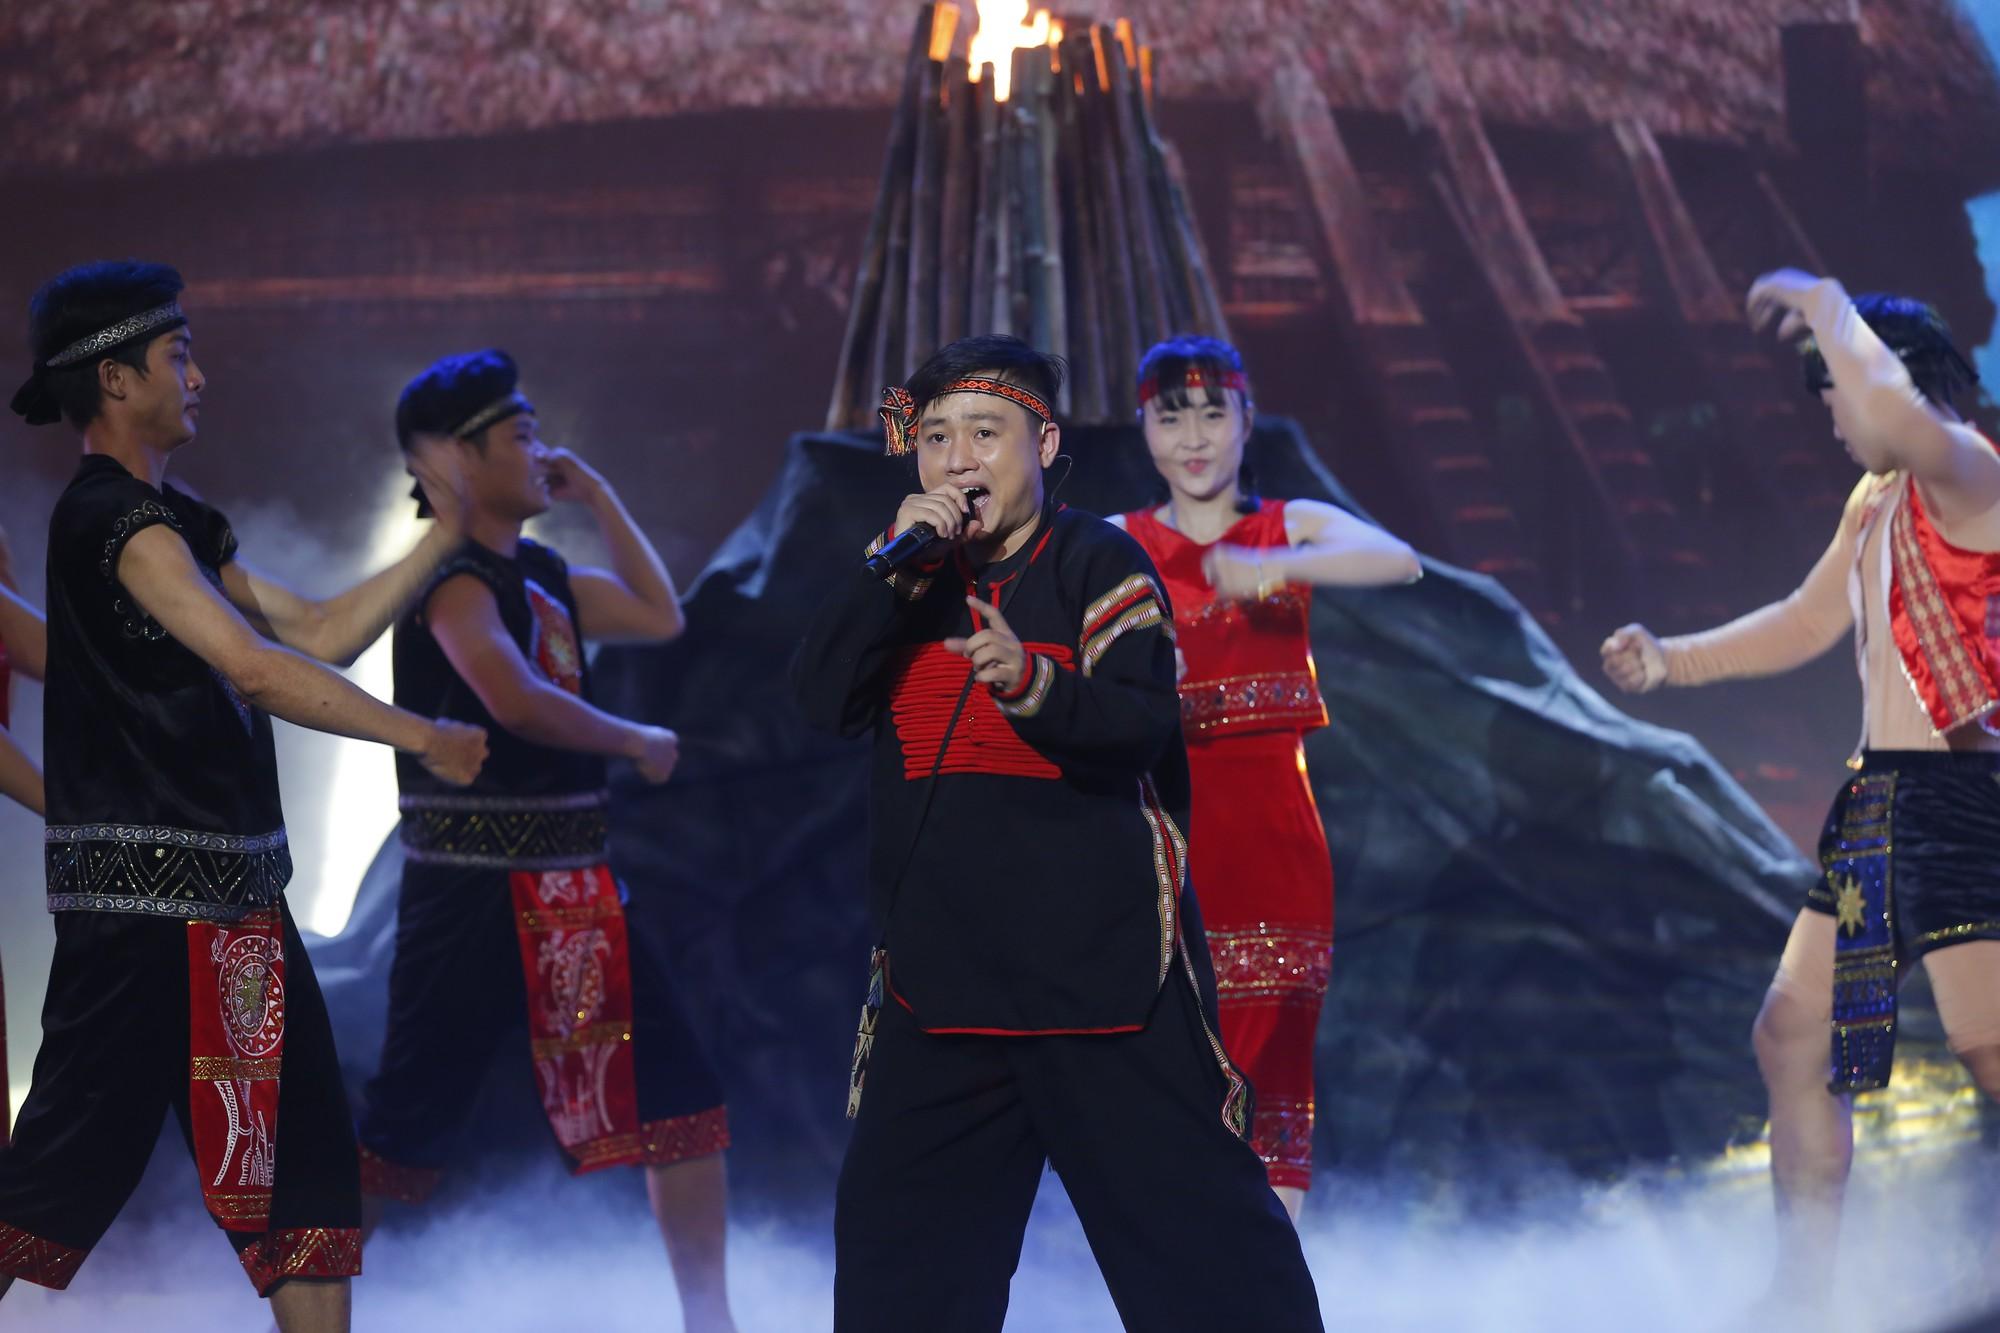 Trưởng nhóm X-Pro - Hữu Tín giành ngôi Quán quân Người nghệ sĩ đa tài mùa 2 - Ảnh 4.